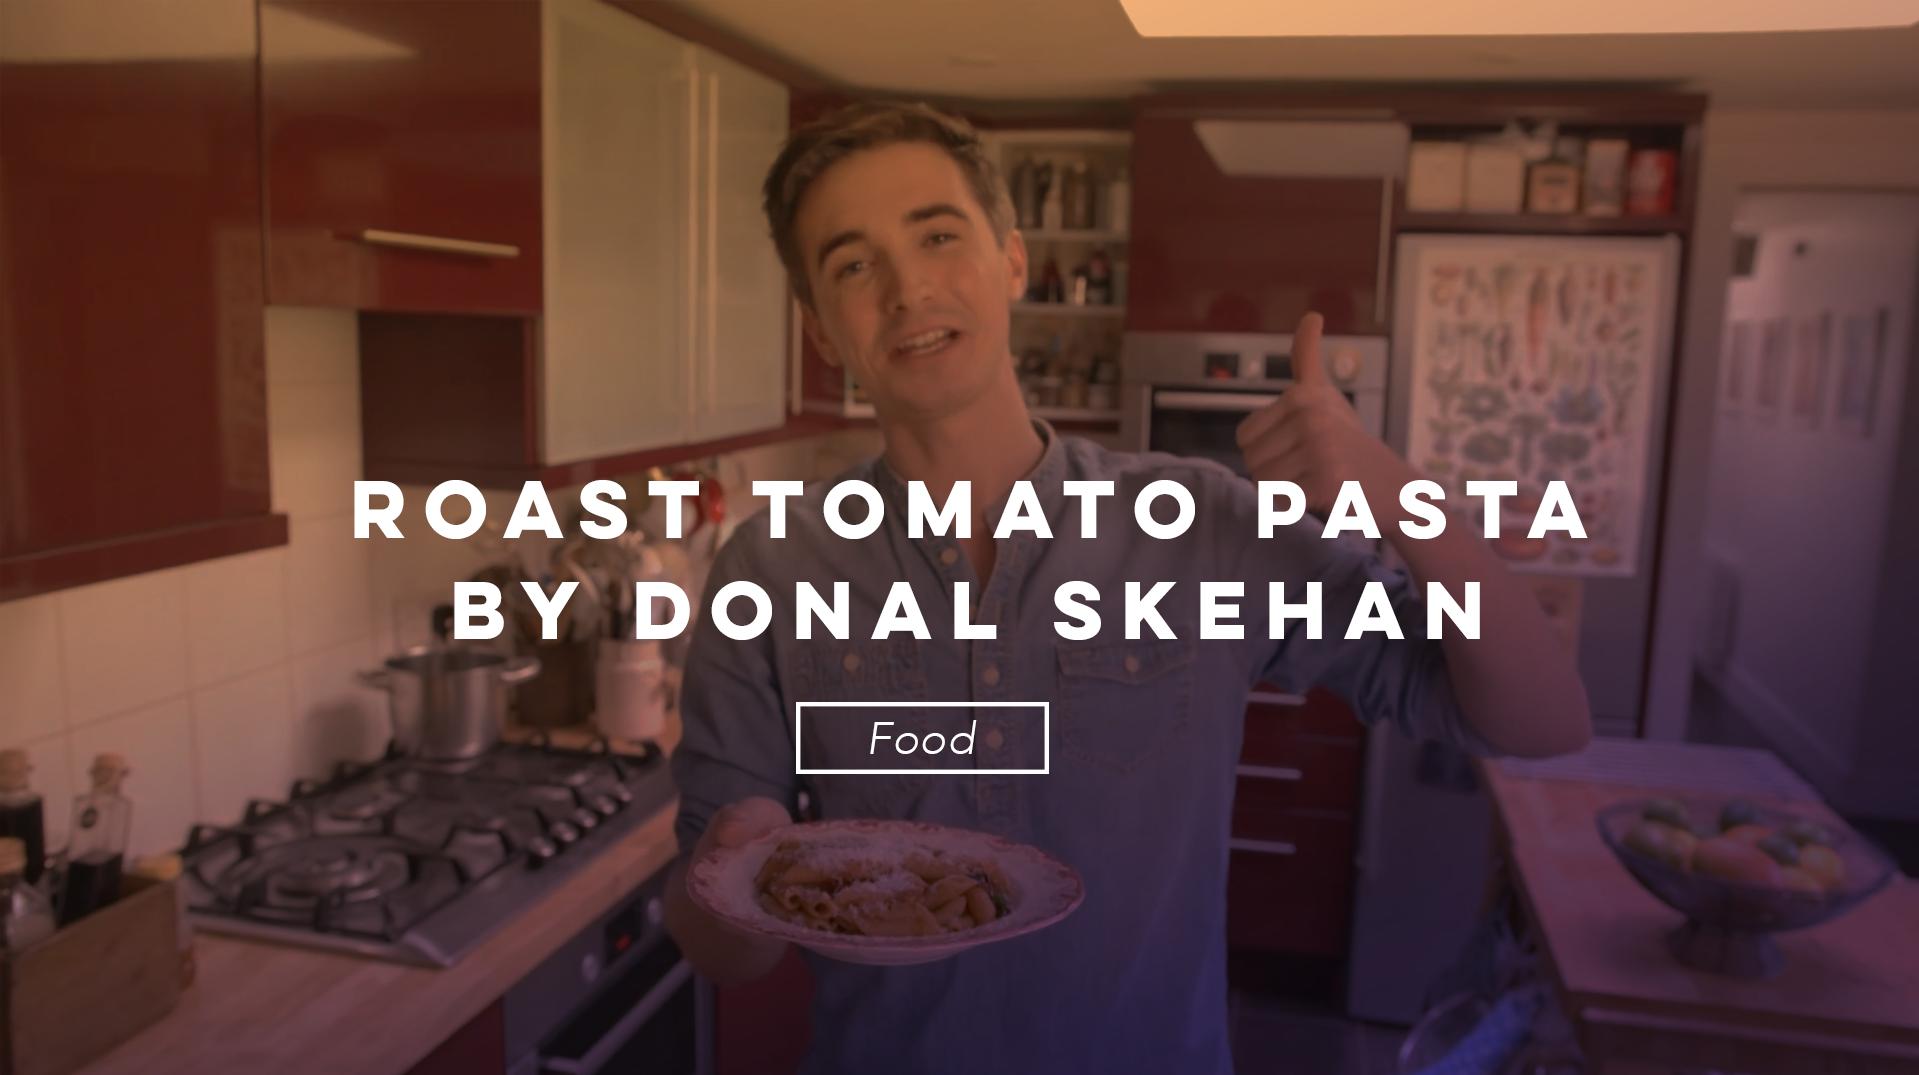 Roast tomato Pasta Donal Skehan